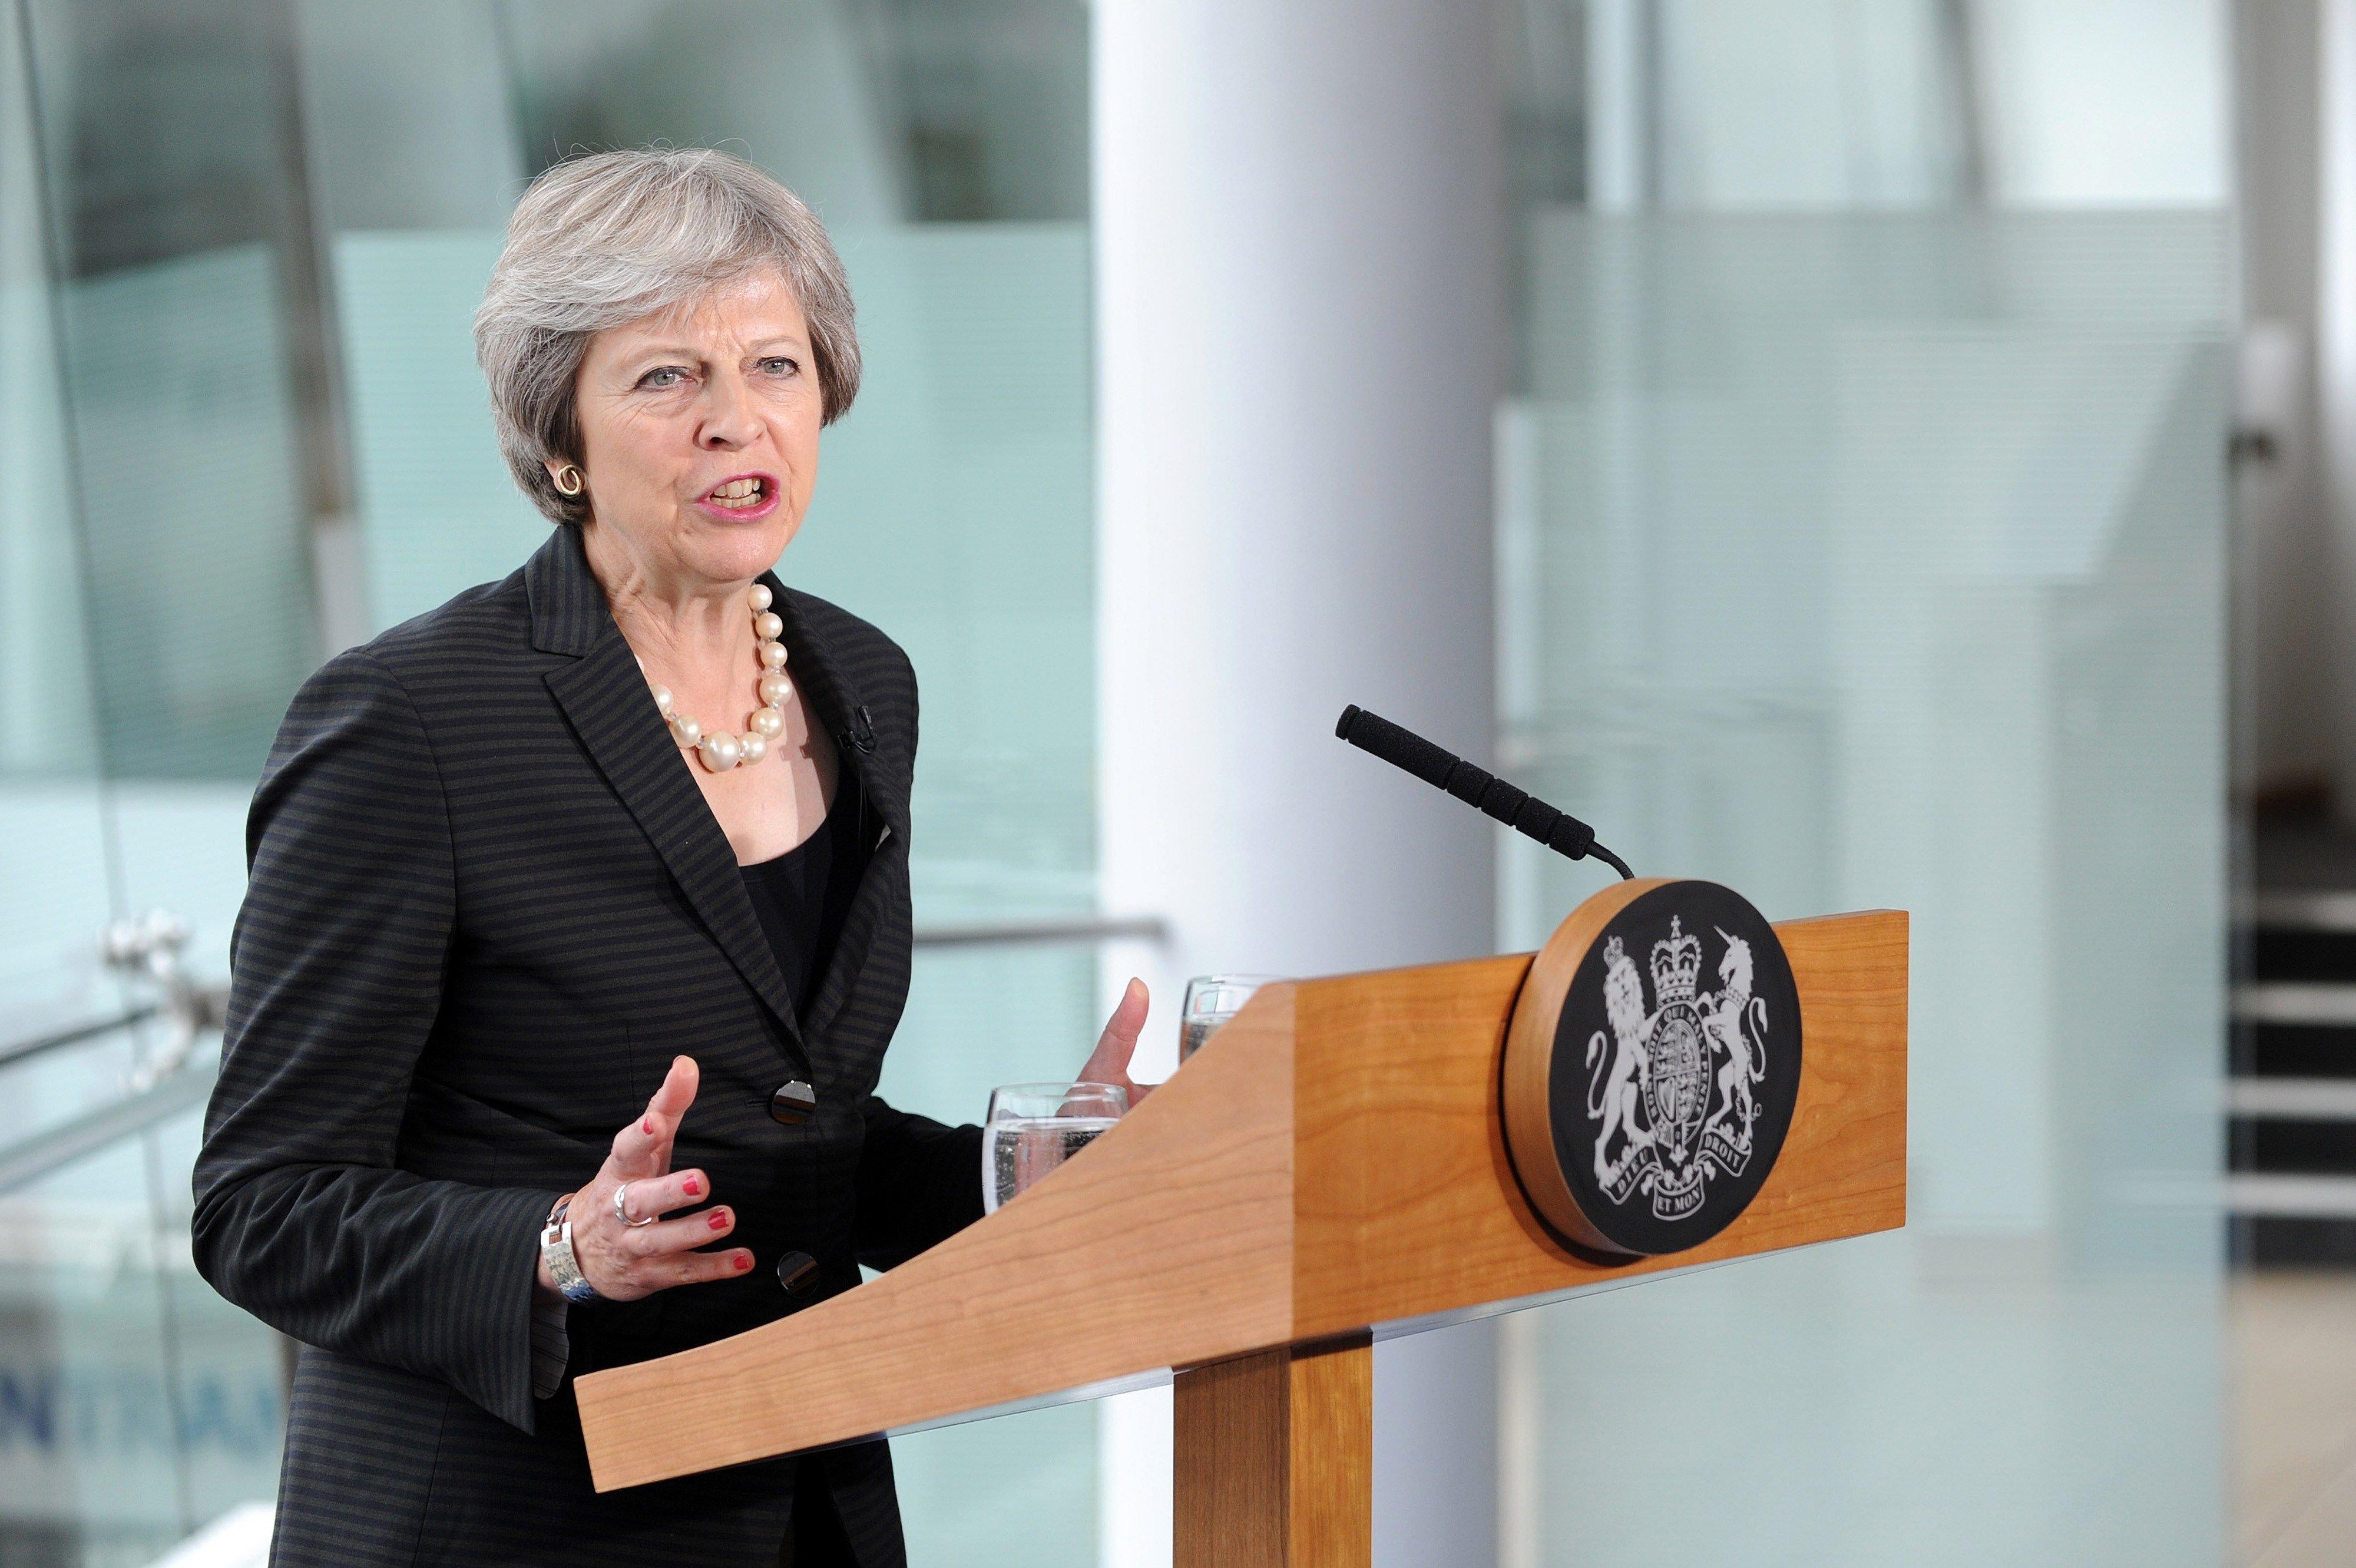 Secretario Brexit: Londres podría no pagar si no hay acuerdo